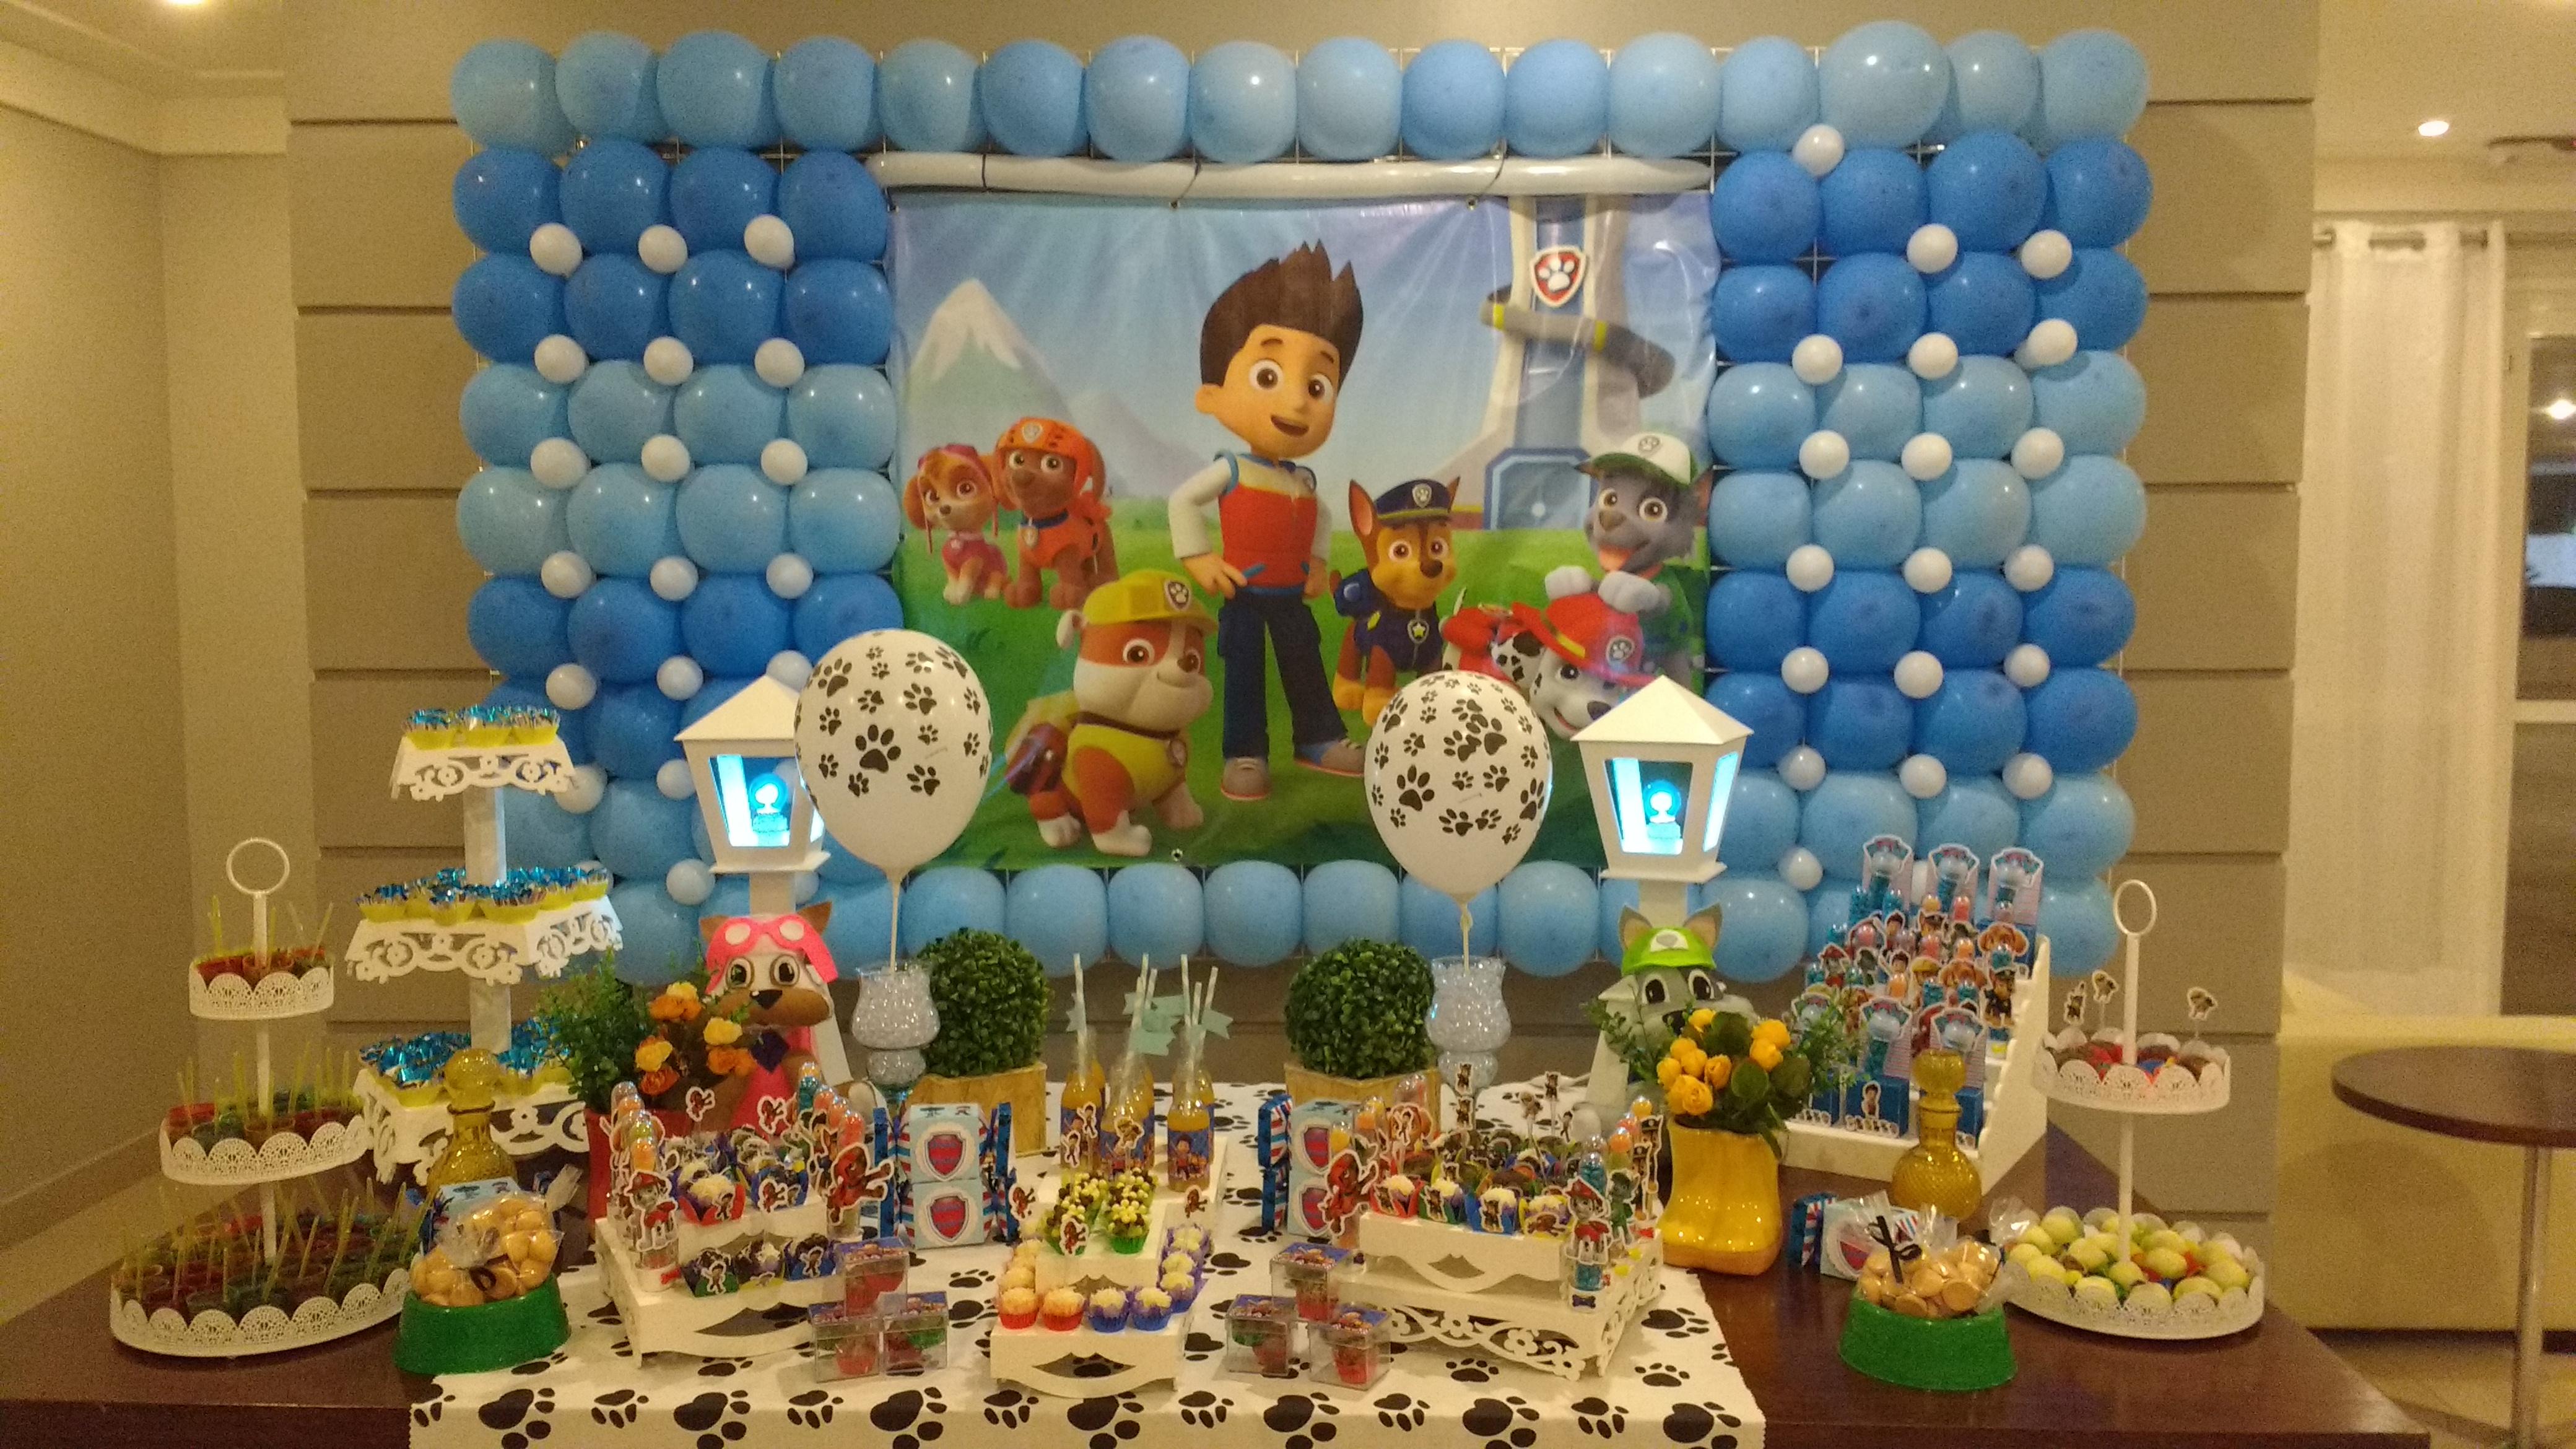 Festa-infantil-patrulha-canina-festa-infantil-patrulha-canina~ Decoracao Festa Infantil Patrulha Canina